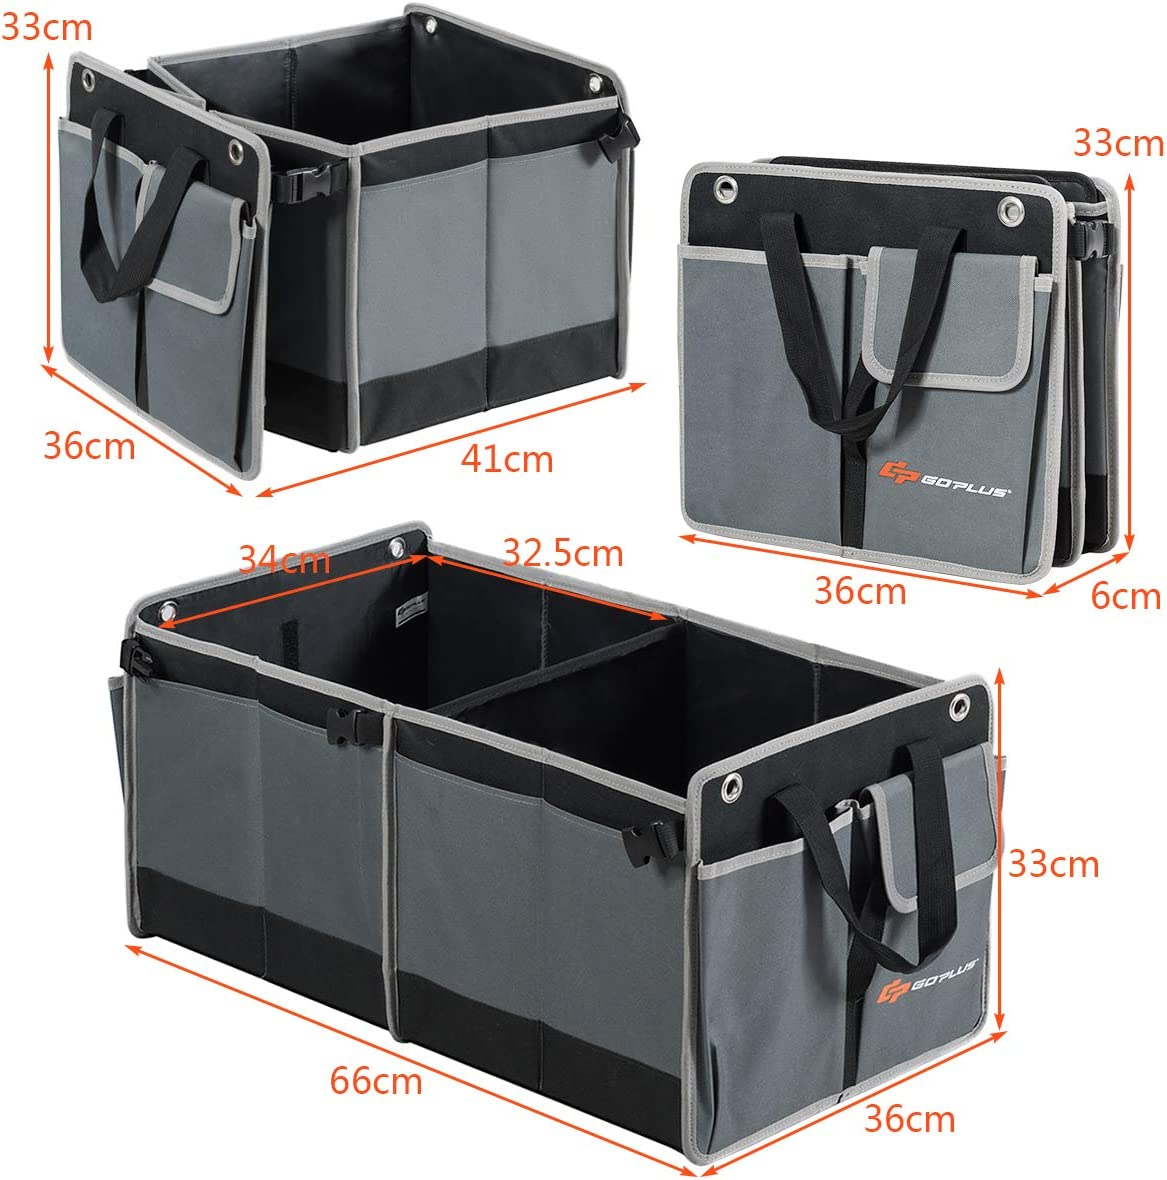 Noir et Gris Costway Organisateur de Coffre de Voiture Portable et Pliable avec 3 Compartiments Isol/és et 4 Poches Rangement en Tissu Oxford Organisateur de Rangement pour Voiture avec Poign/ées